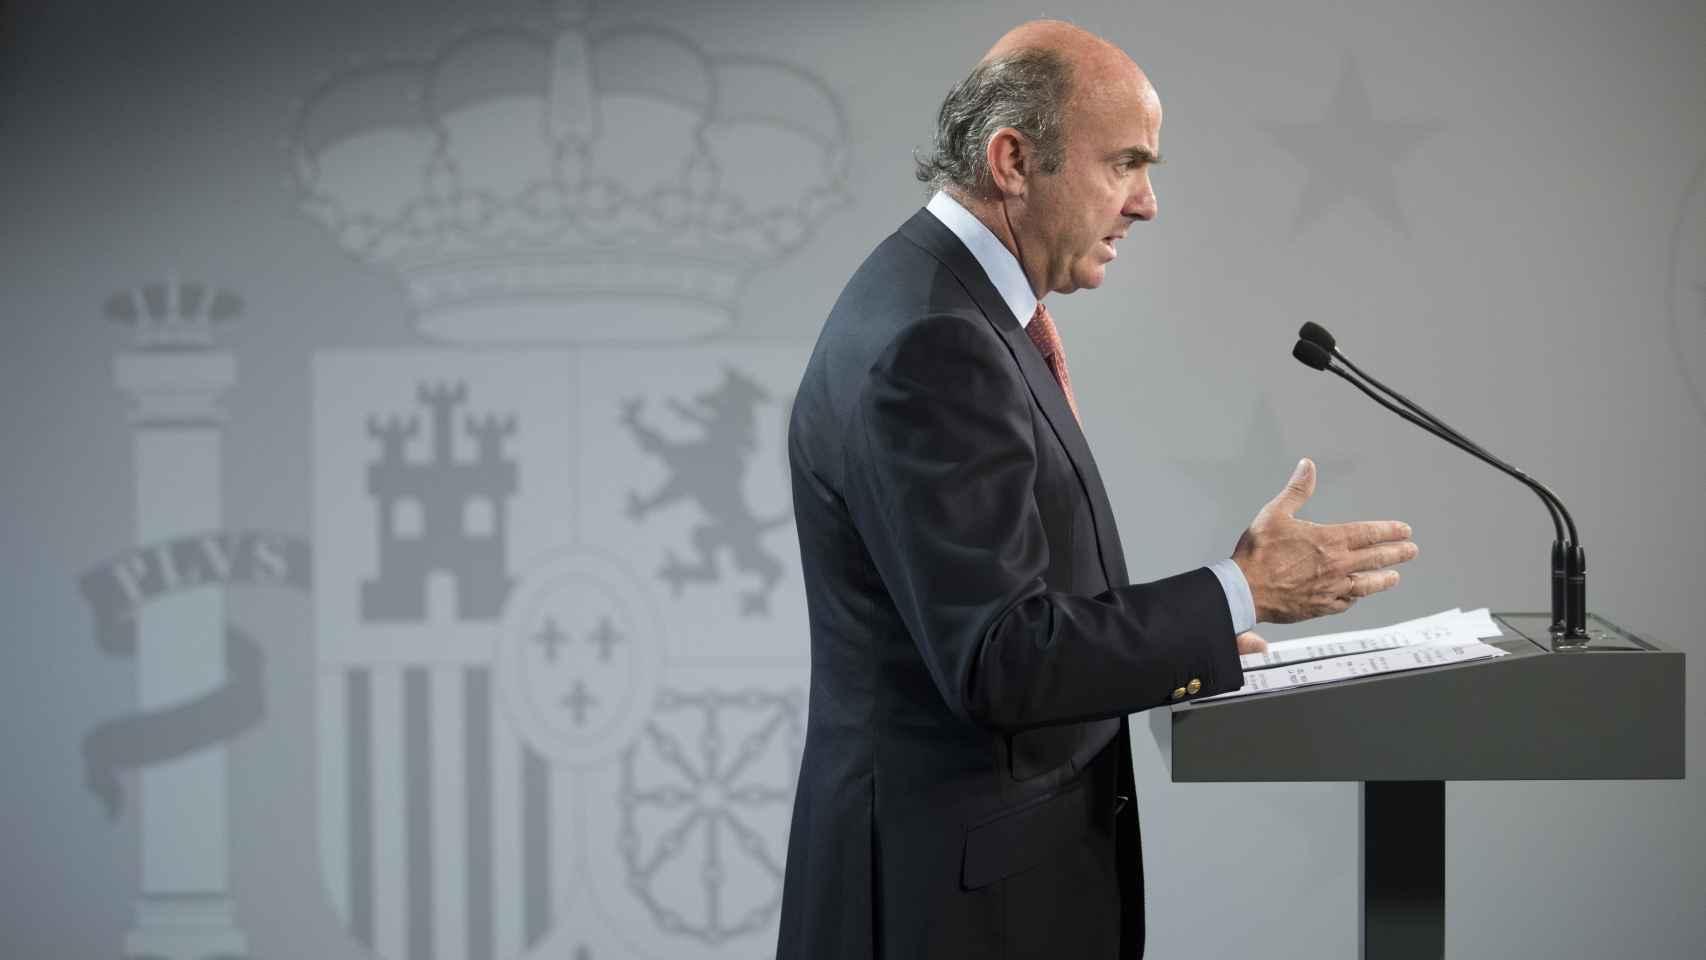 El ministro de Economía en funciones, Luis de Guindos